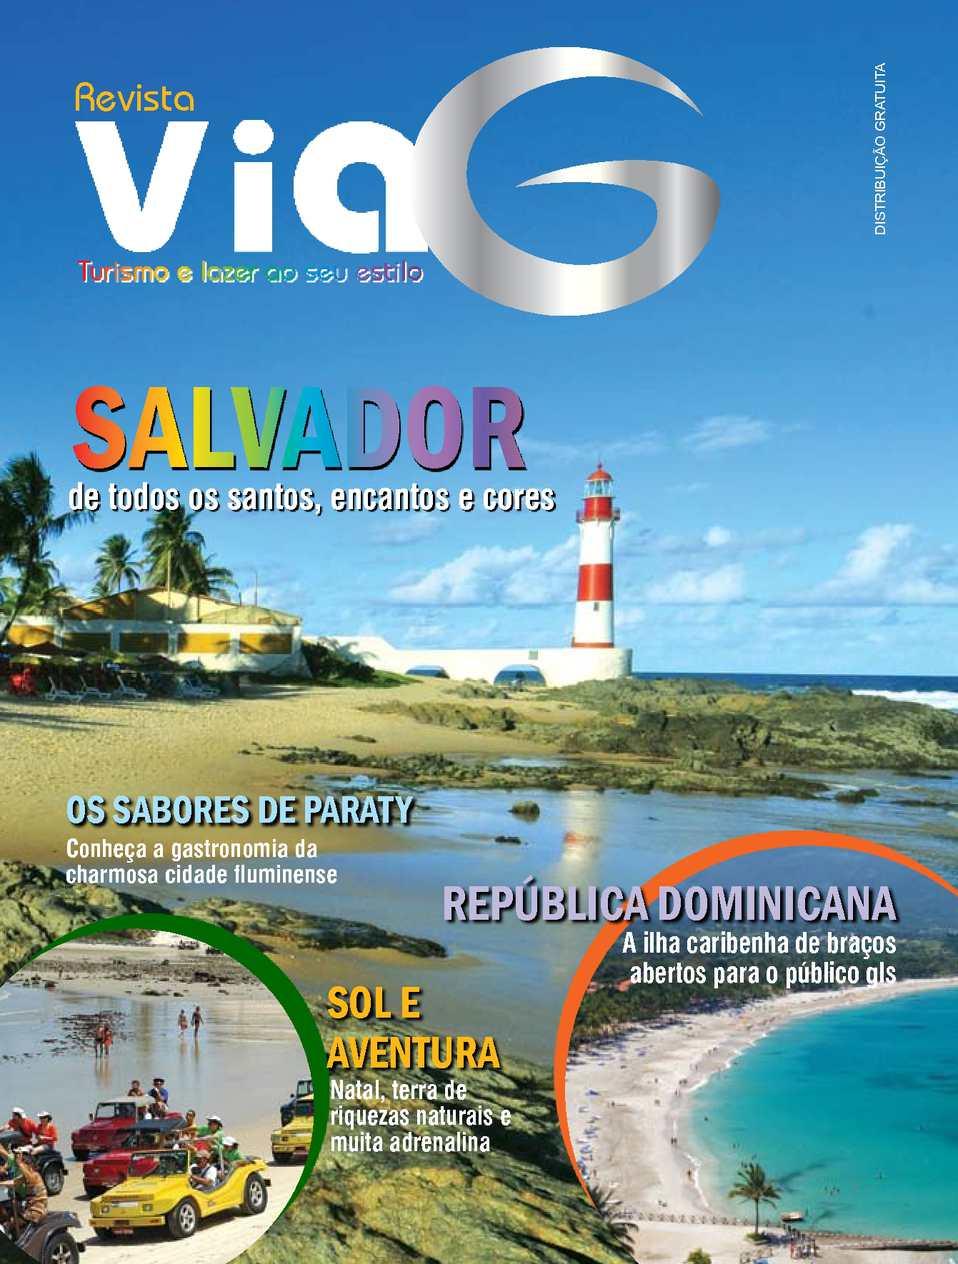 ac8fcc59a4cf9 Calaméo - ViaG nº2-Salvador